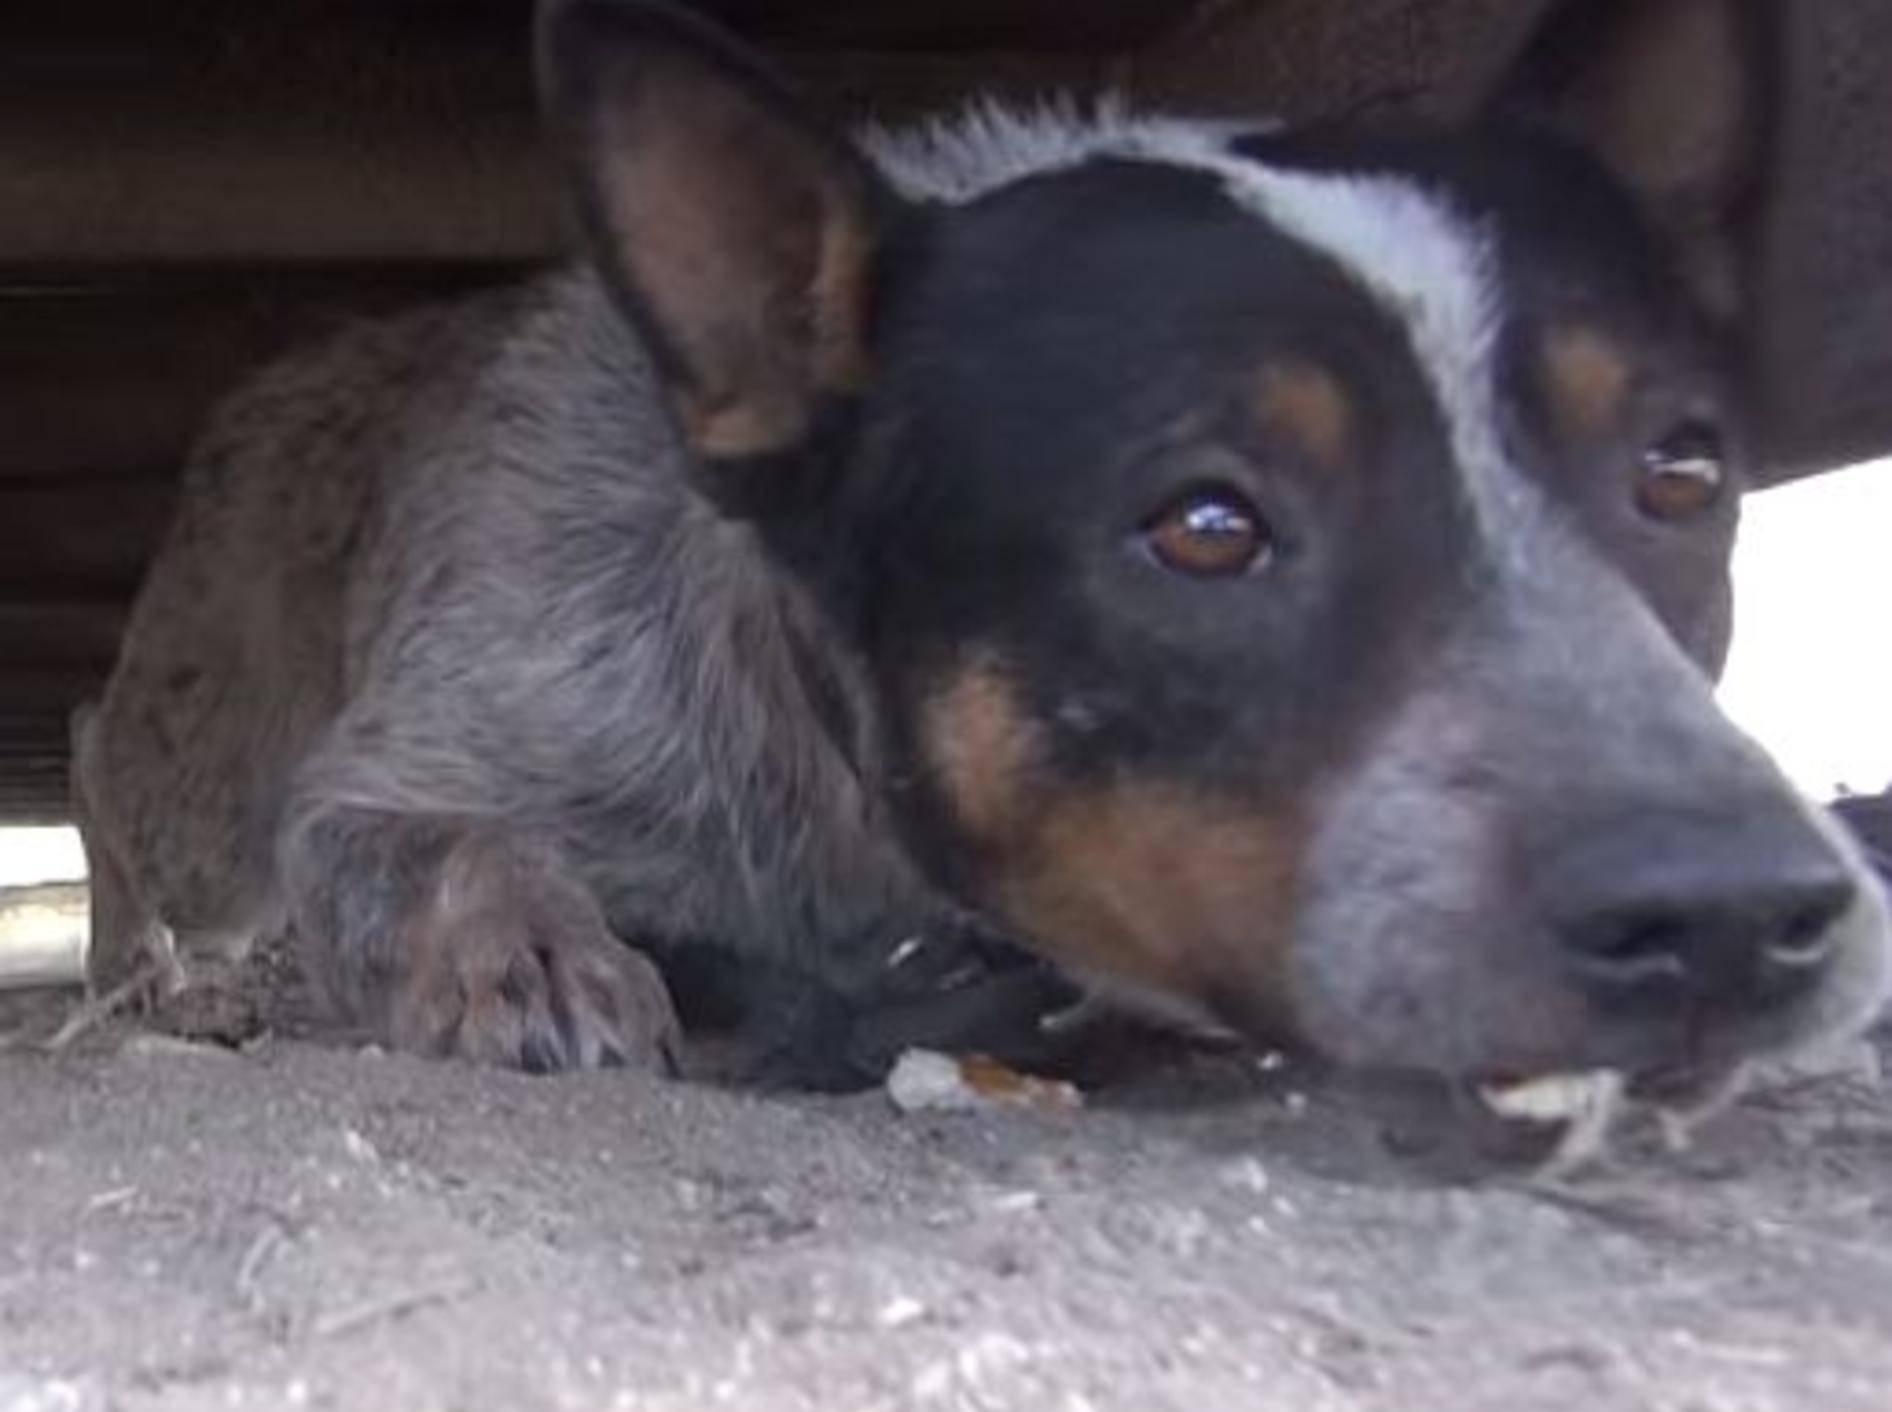 Ergreifend: Tierschutz rettet verängstigten Hund – Bild: Youtube / Eldad Hagar